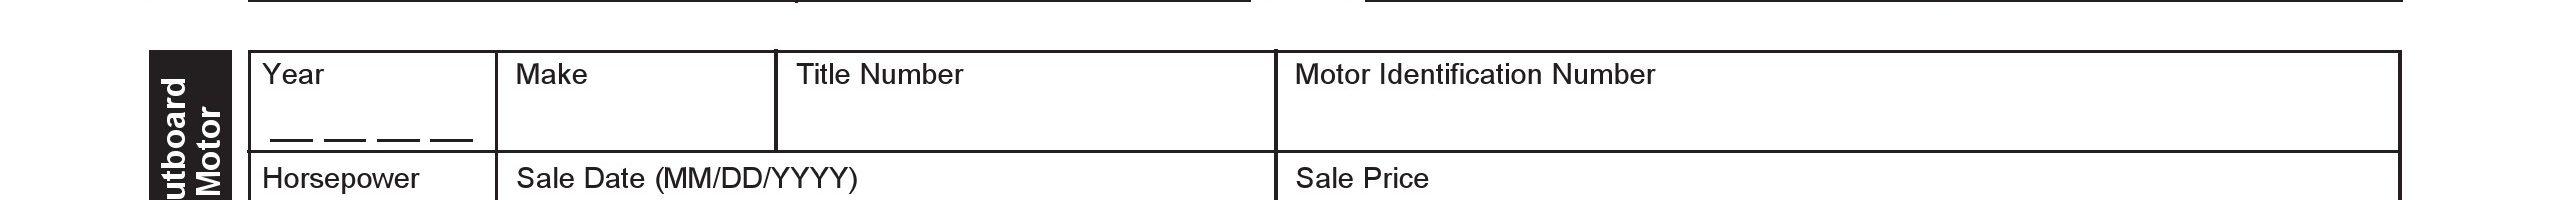 Missouri Bill of Sale